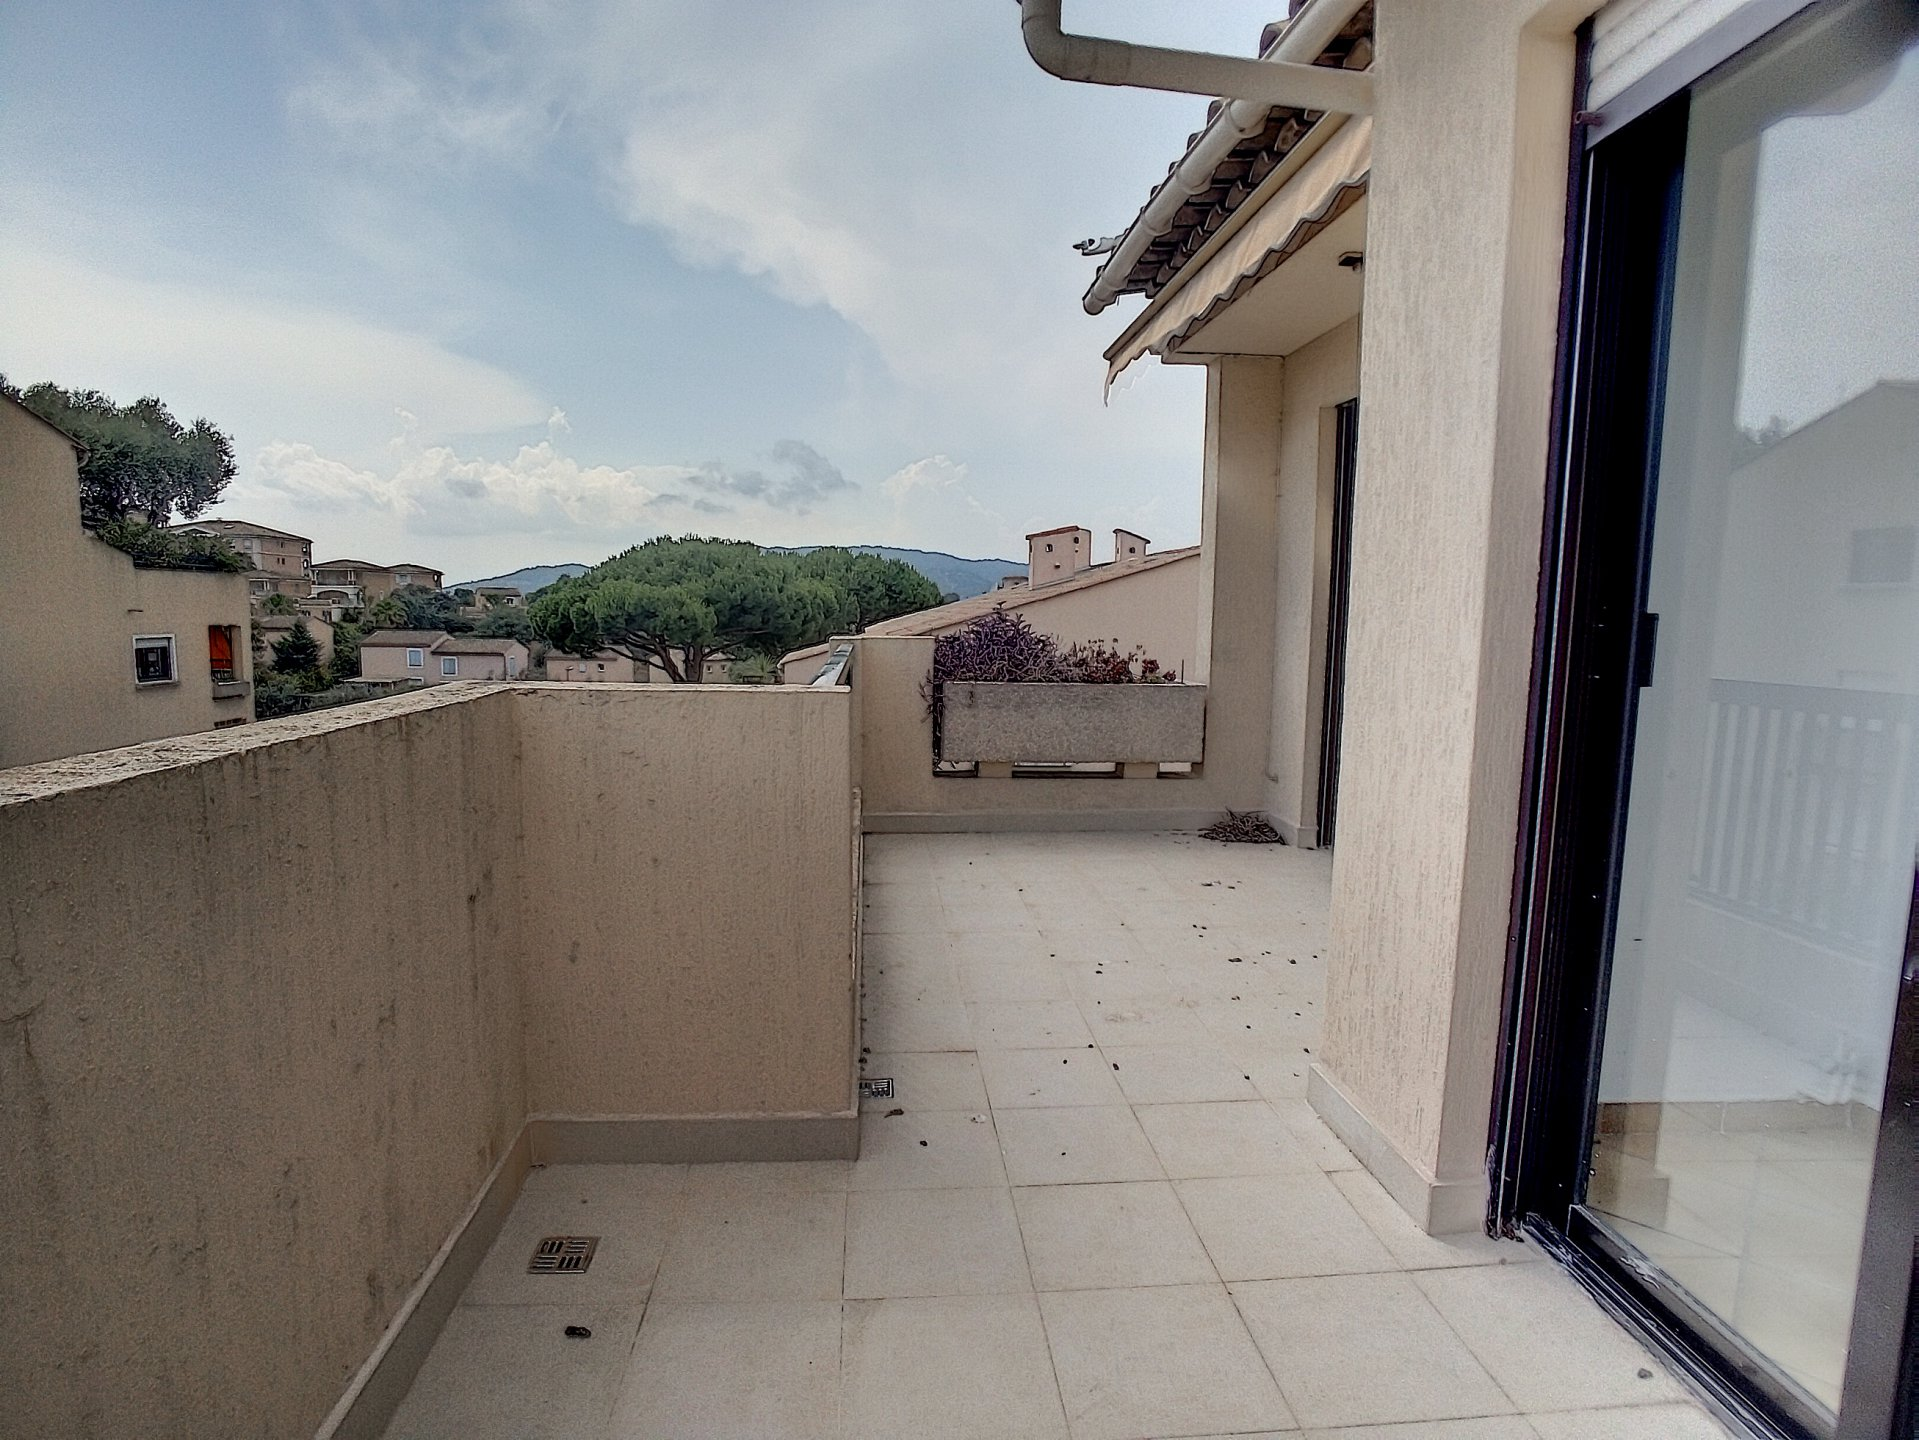 Cannes, Croix des gardes area, top floor.